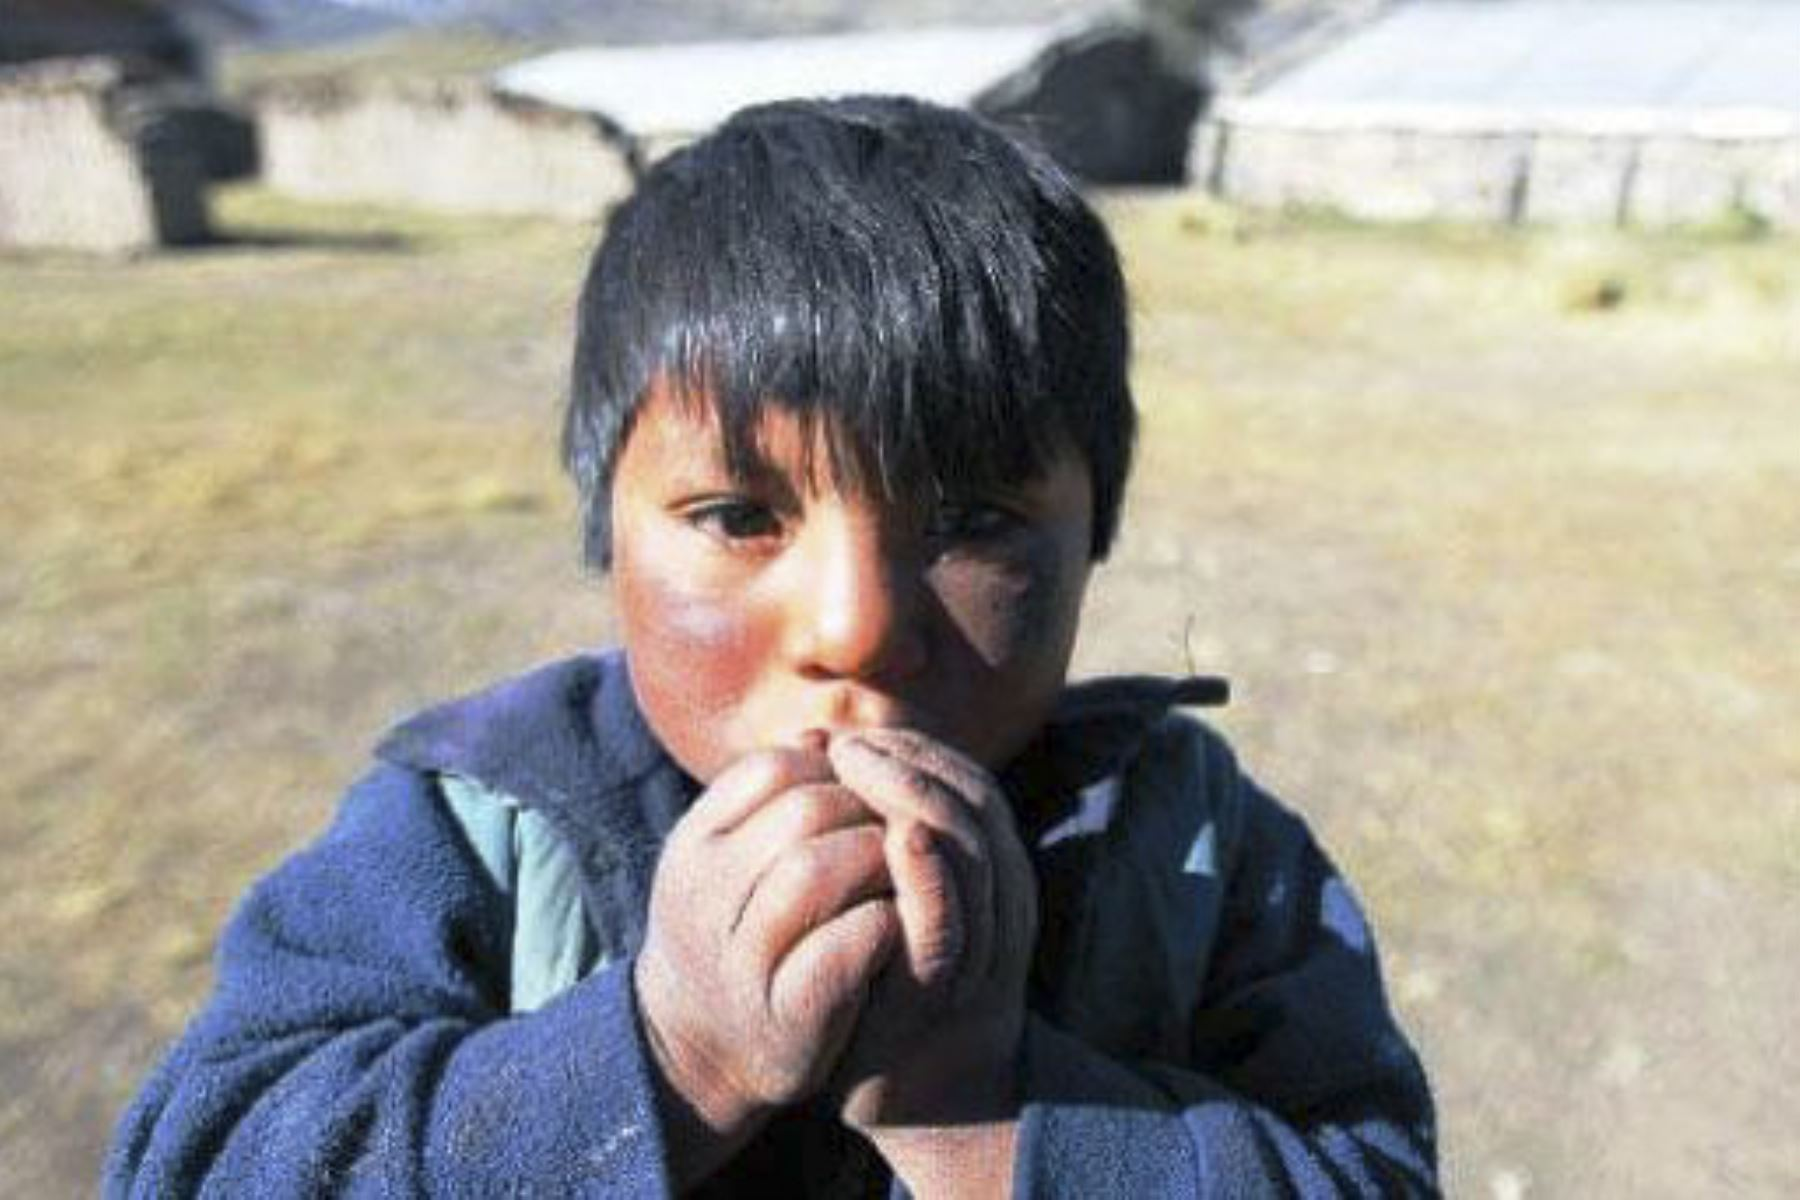 El Senamhi alertó a más de 30 provincias de los departamentos de Apurímac, Arequipa, Ayacucho, Cusco, Moquegua, Puno y Tacna. ANDINA/Difusión